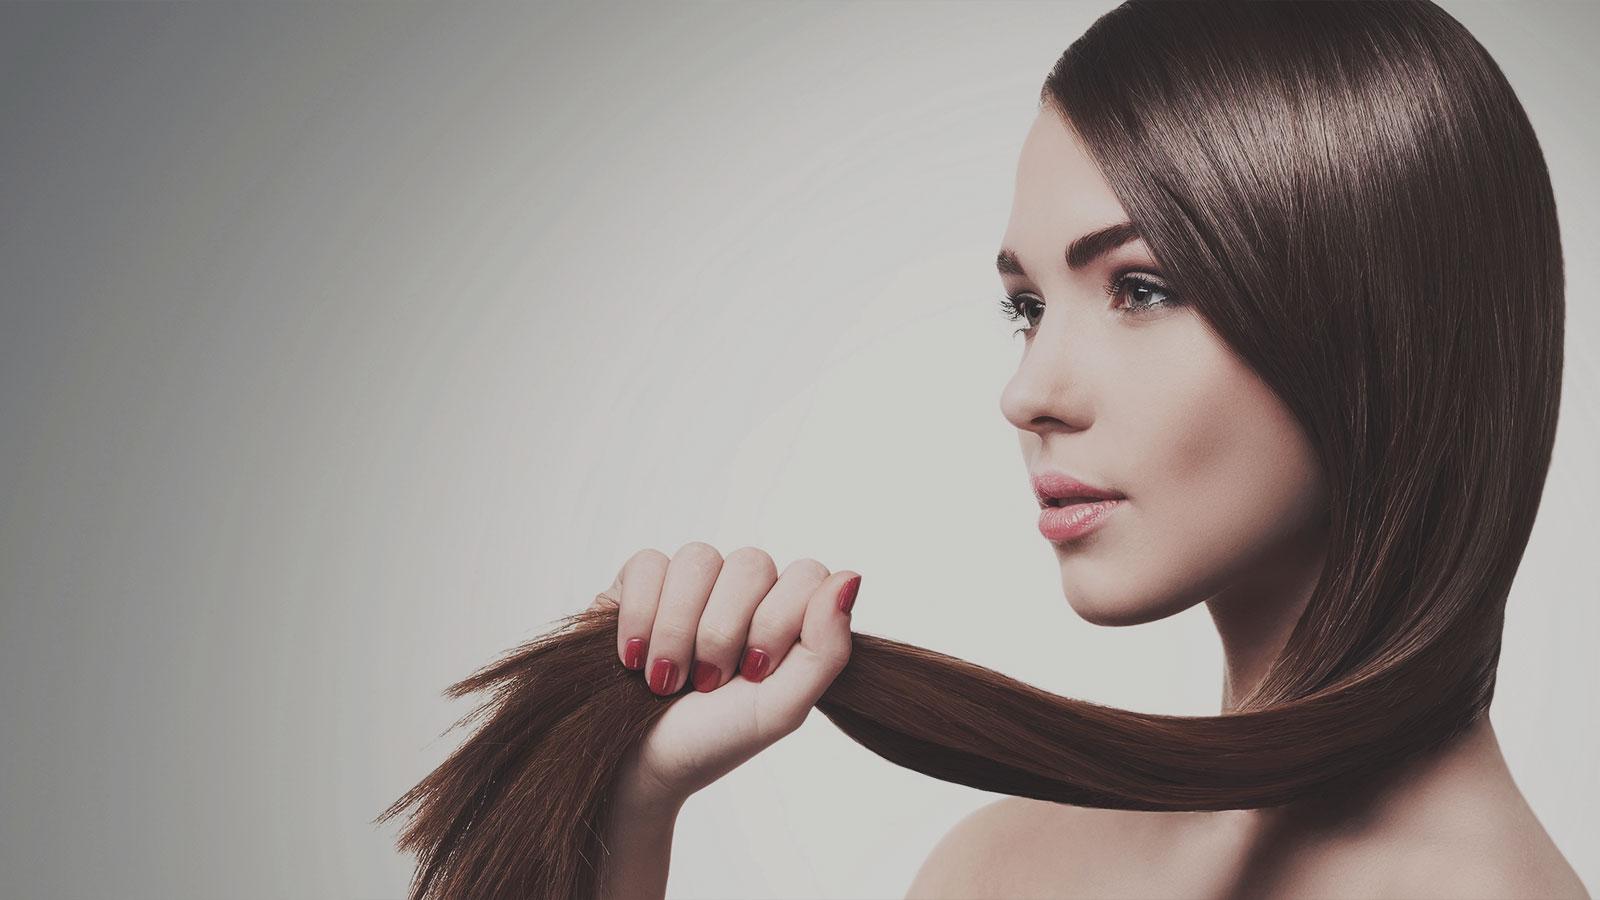 Чем мыть волосы чтобы волосы не жирнели? 10 советов 12